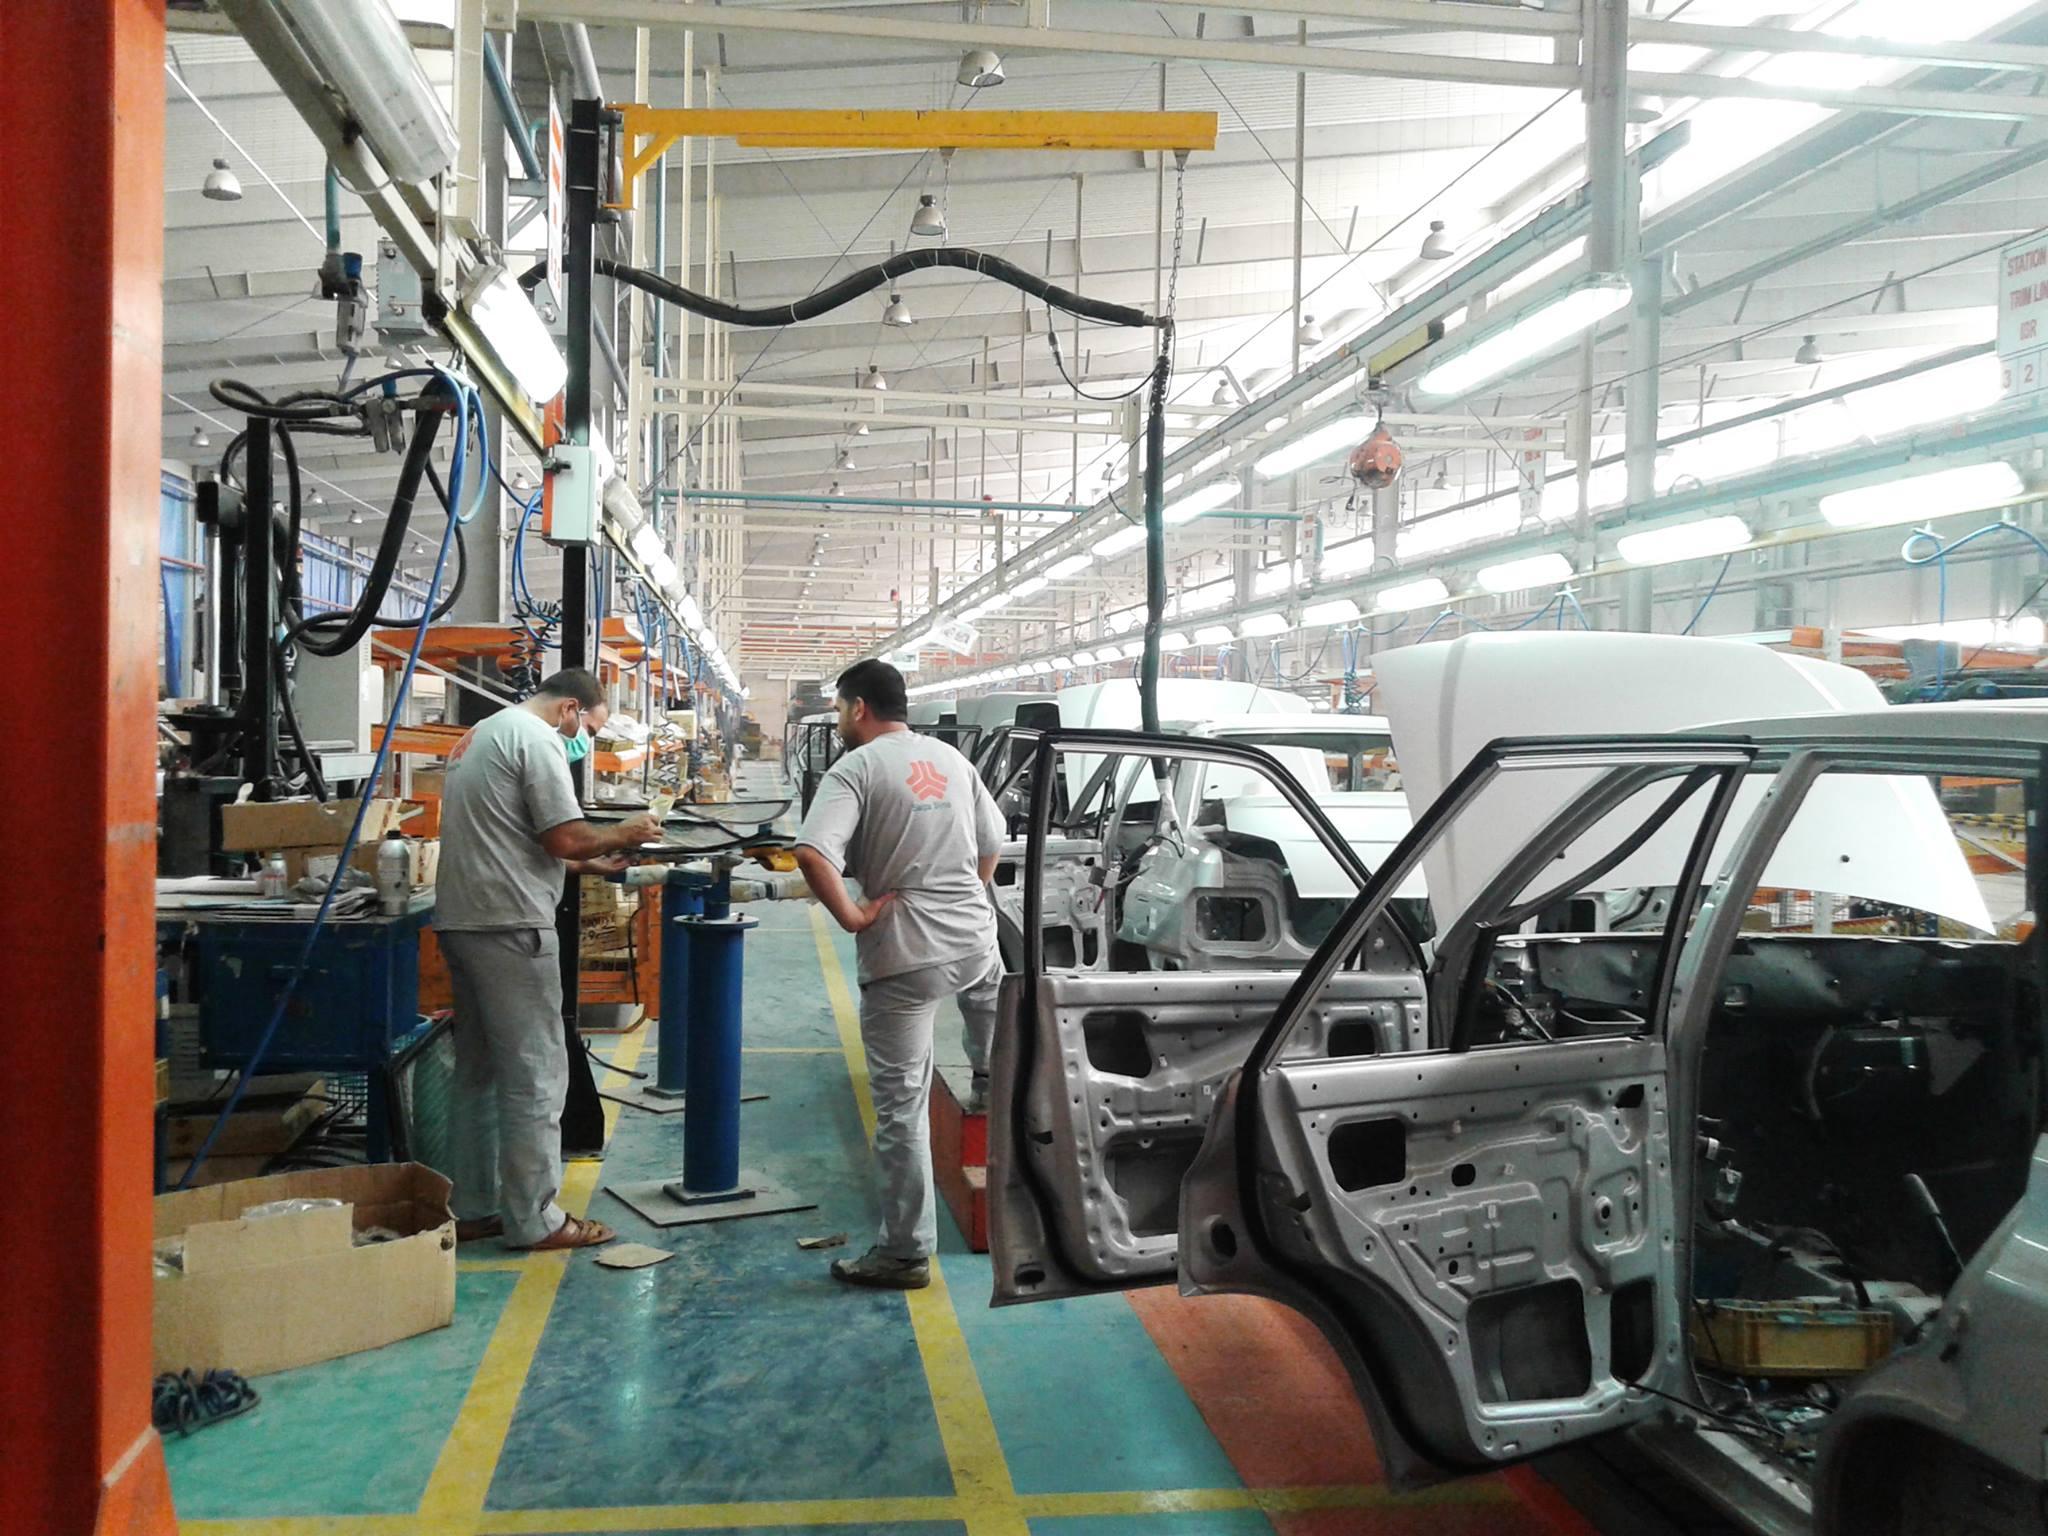 شركة إيرانية سورية في حمص تطرد عشرات العمال دون أسباب أو دفع تعويضات